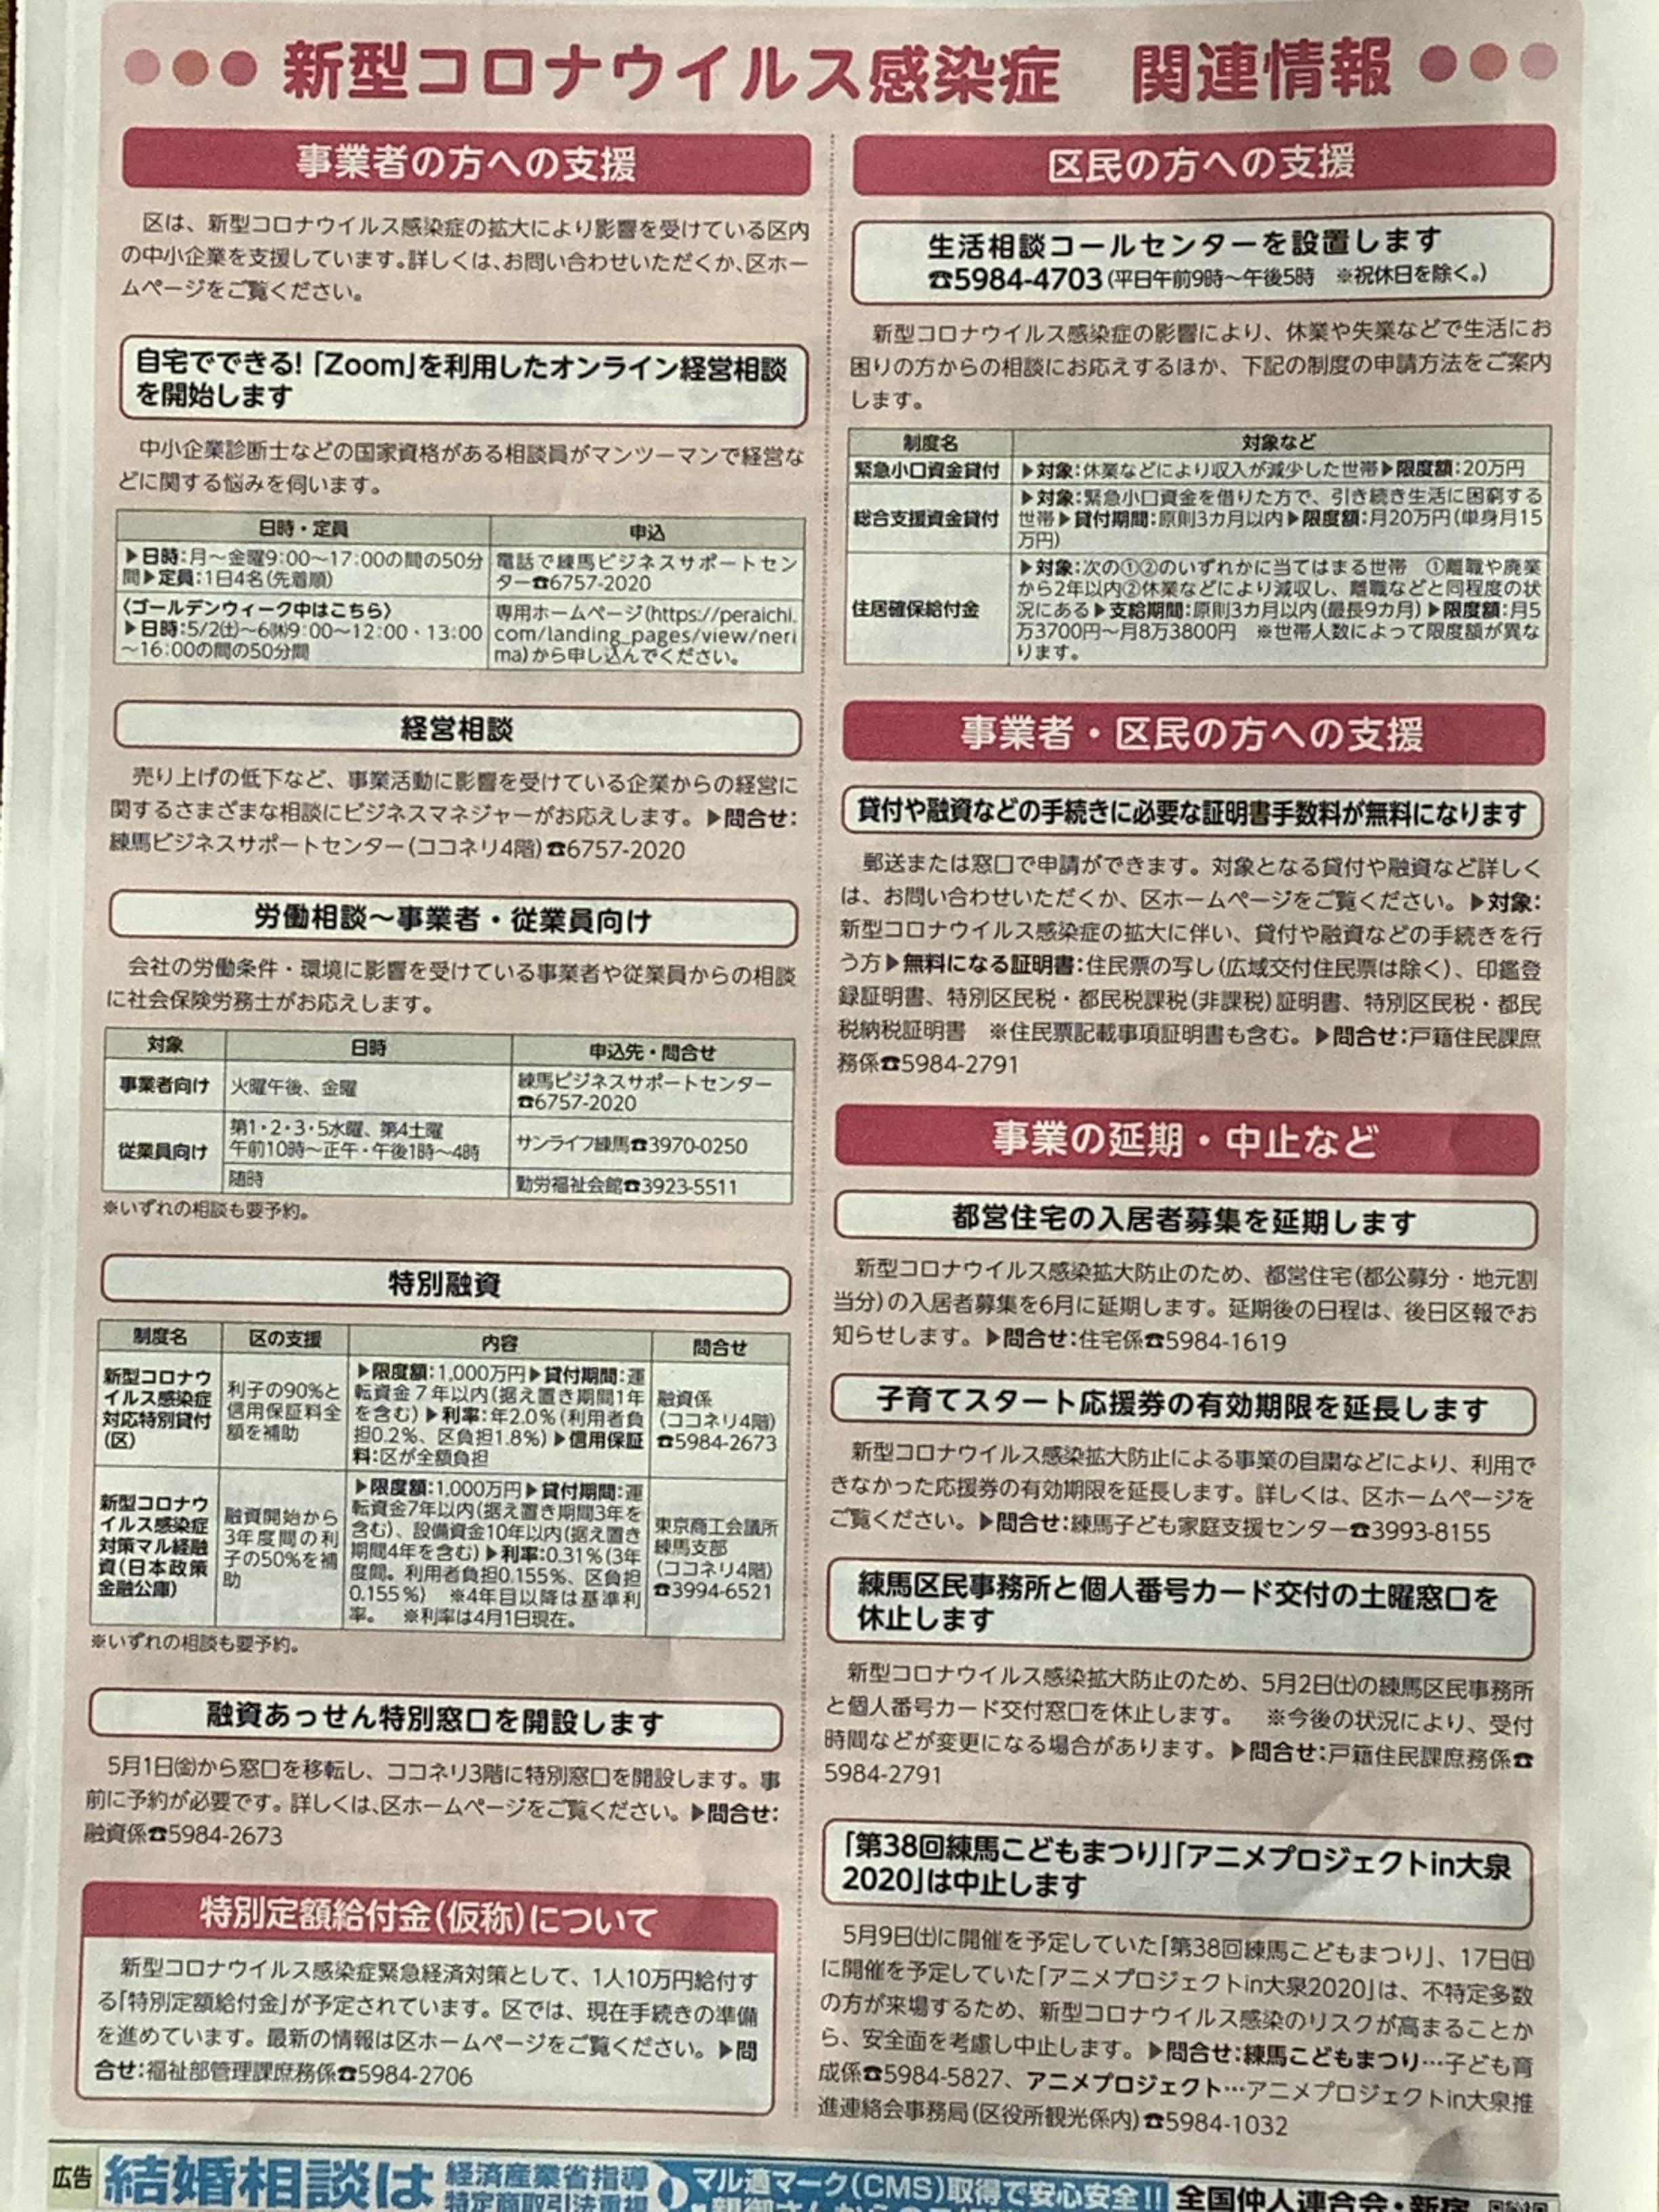 給付 円 練馬 区 10 万